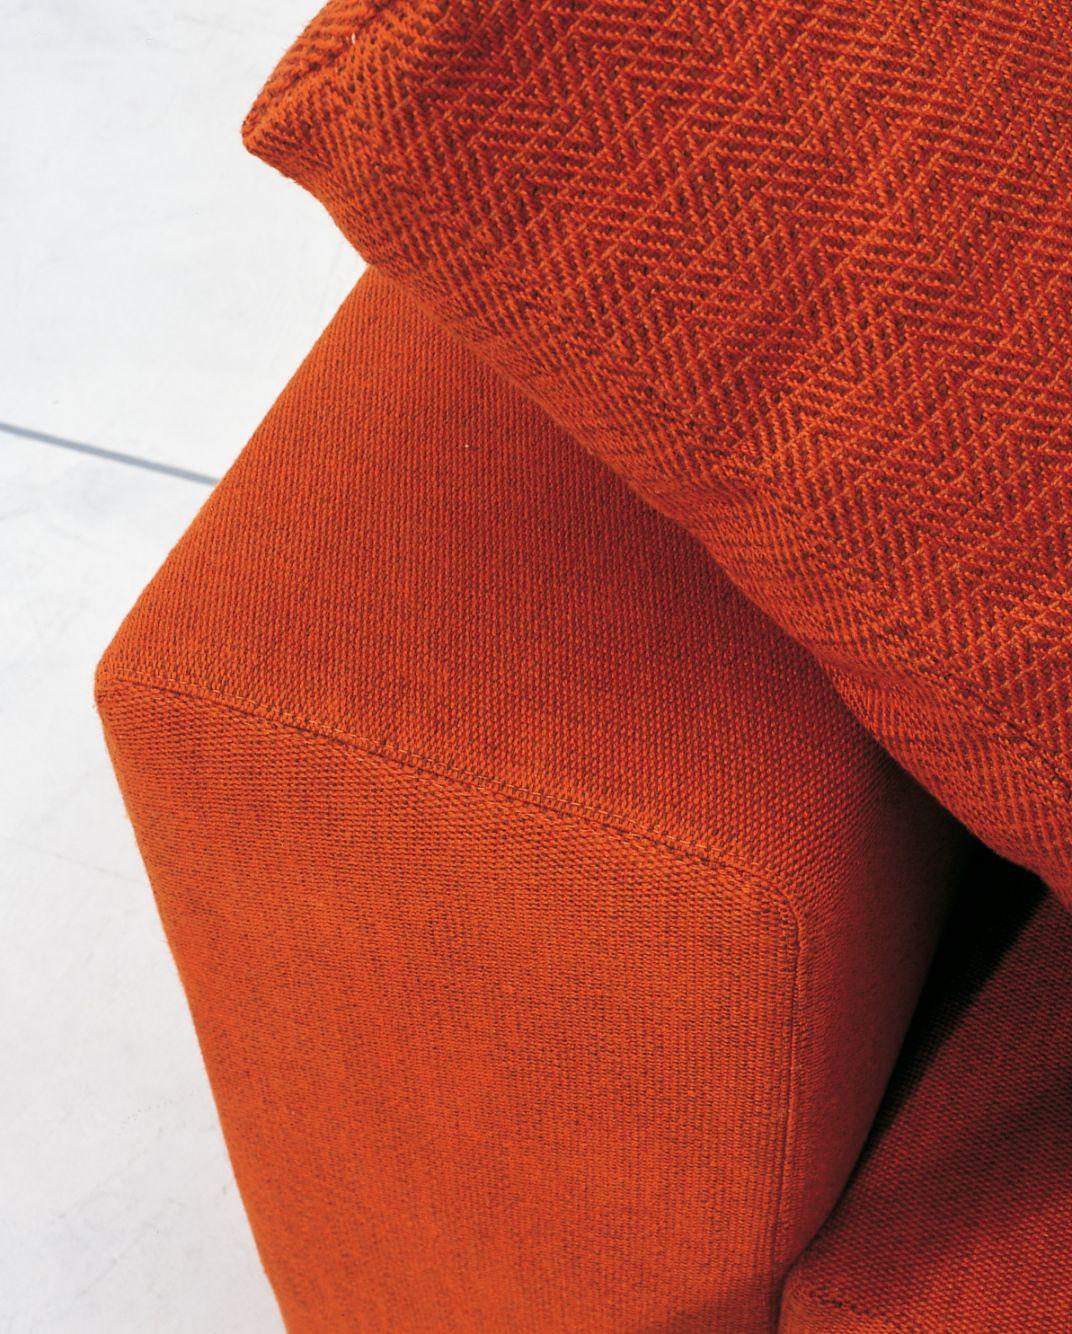 Popper / Bontempi Divani - Lino Codato Interior Design